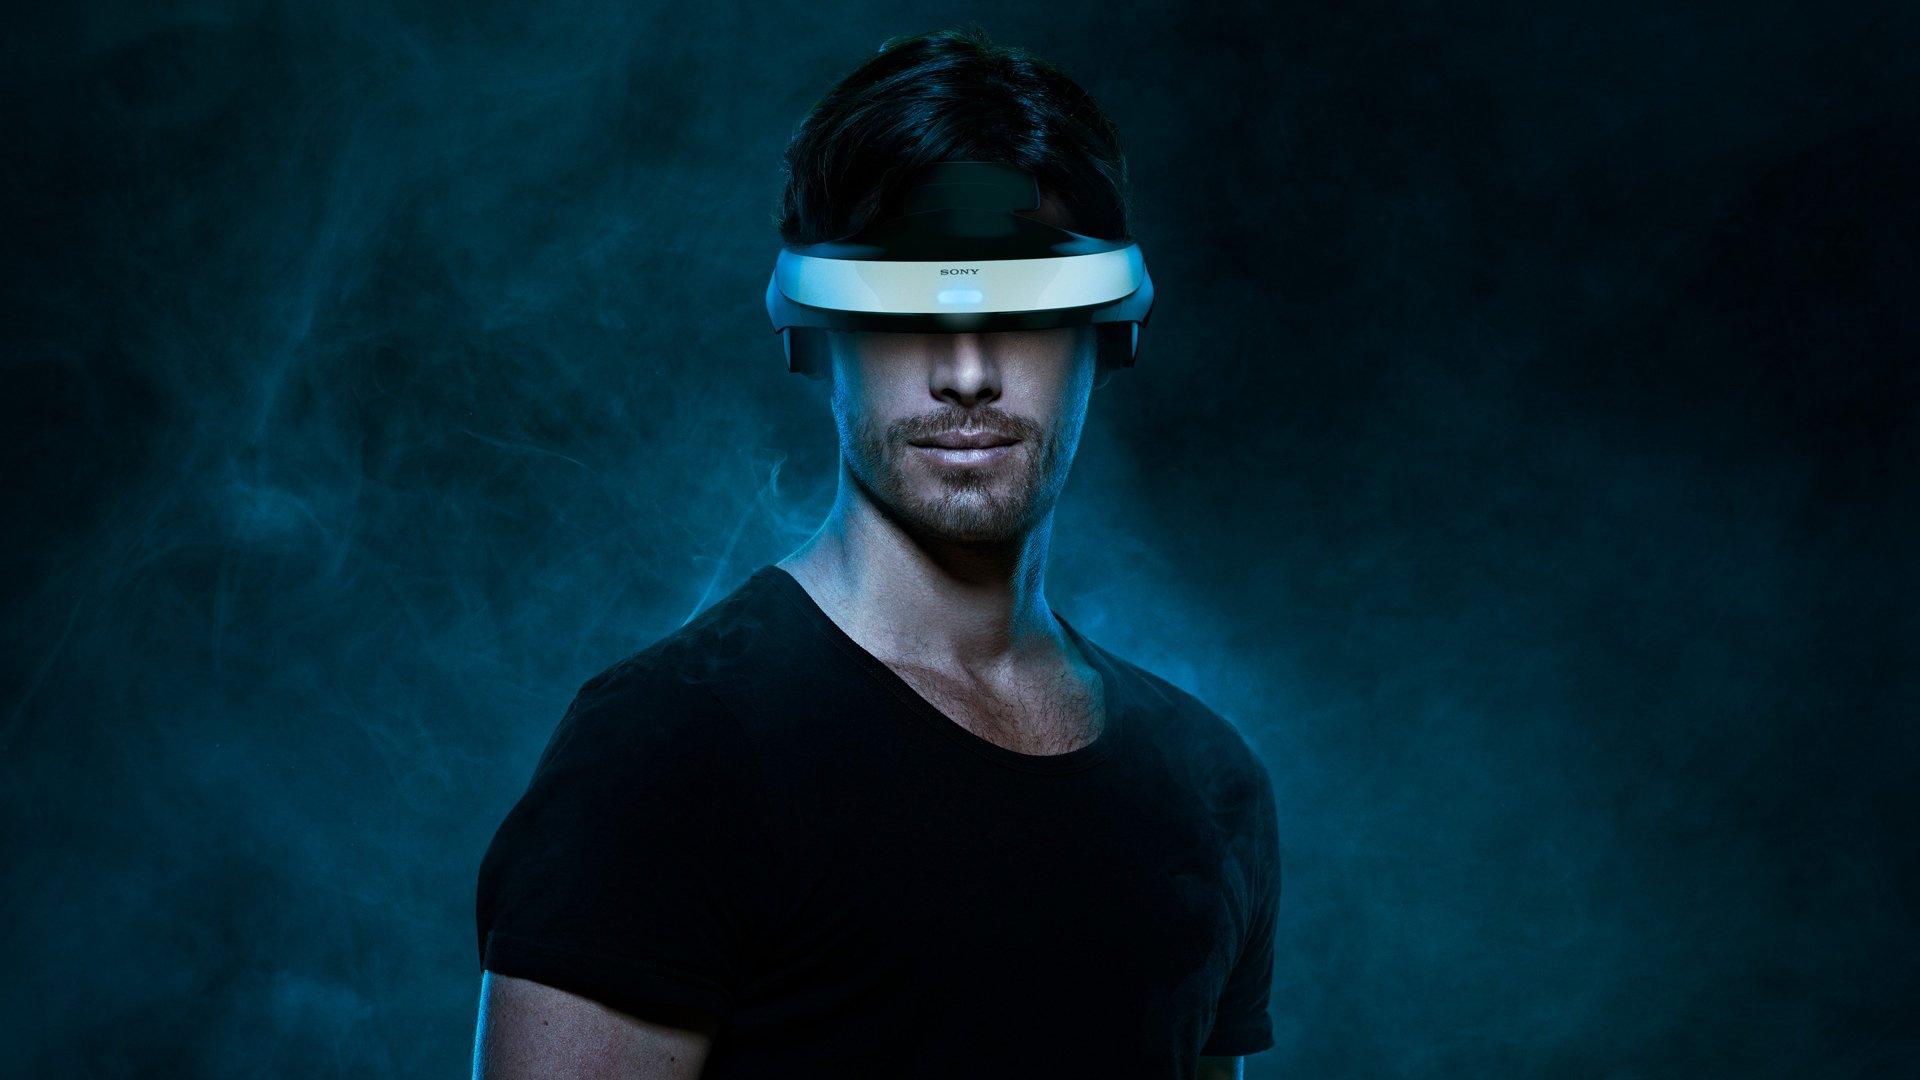 Аналог неплохо совсем     Очки вируальной реальности от Sony . - Изображение 1